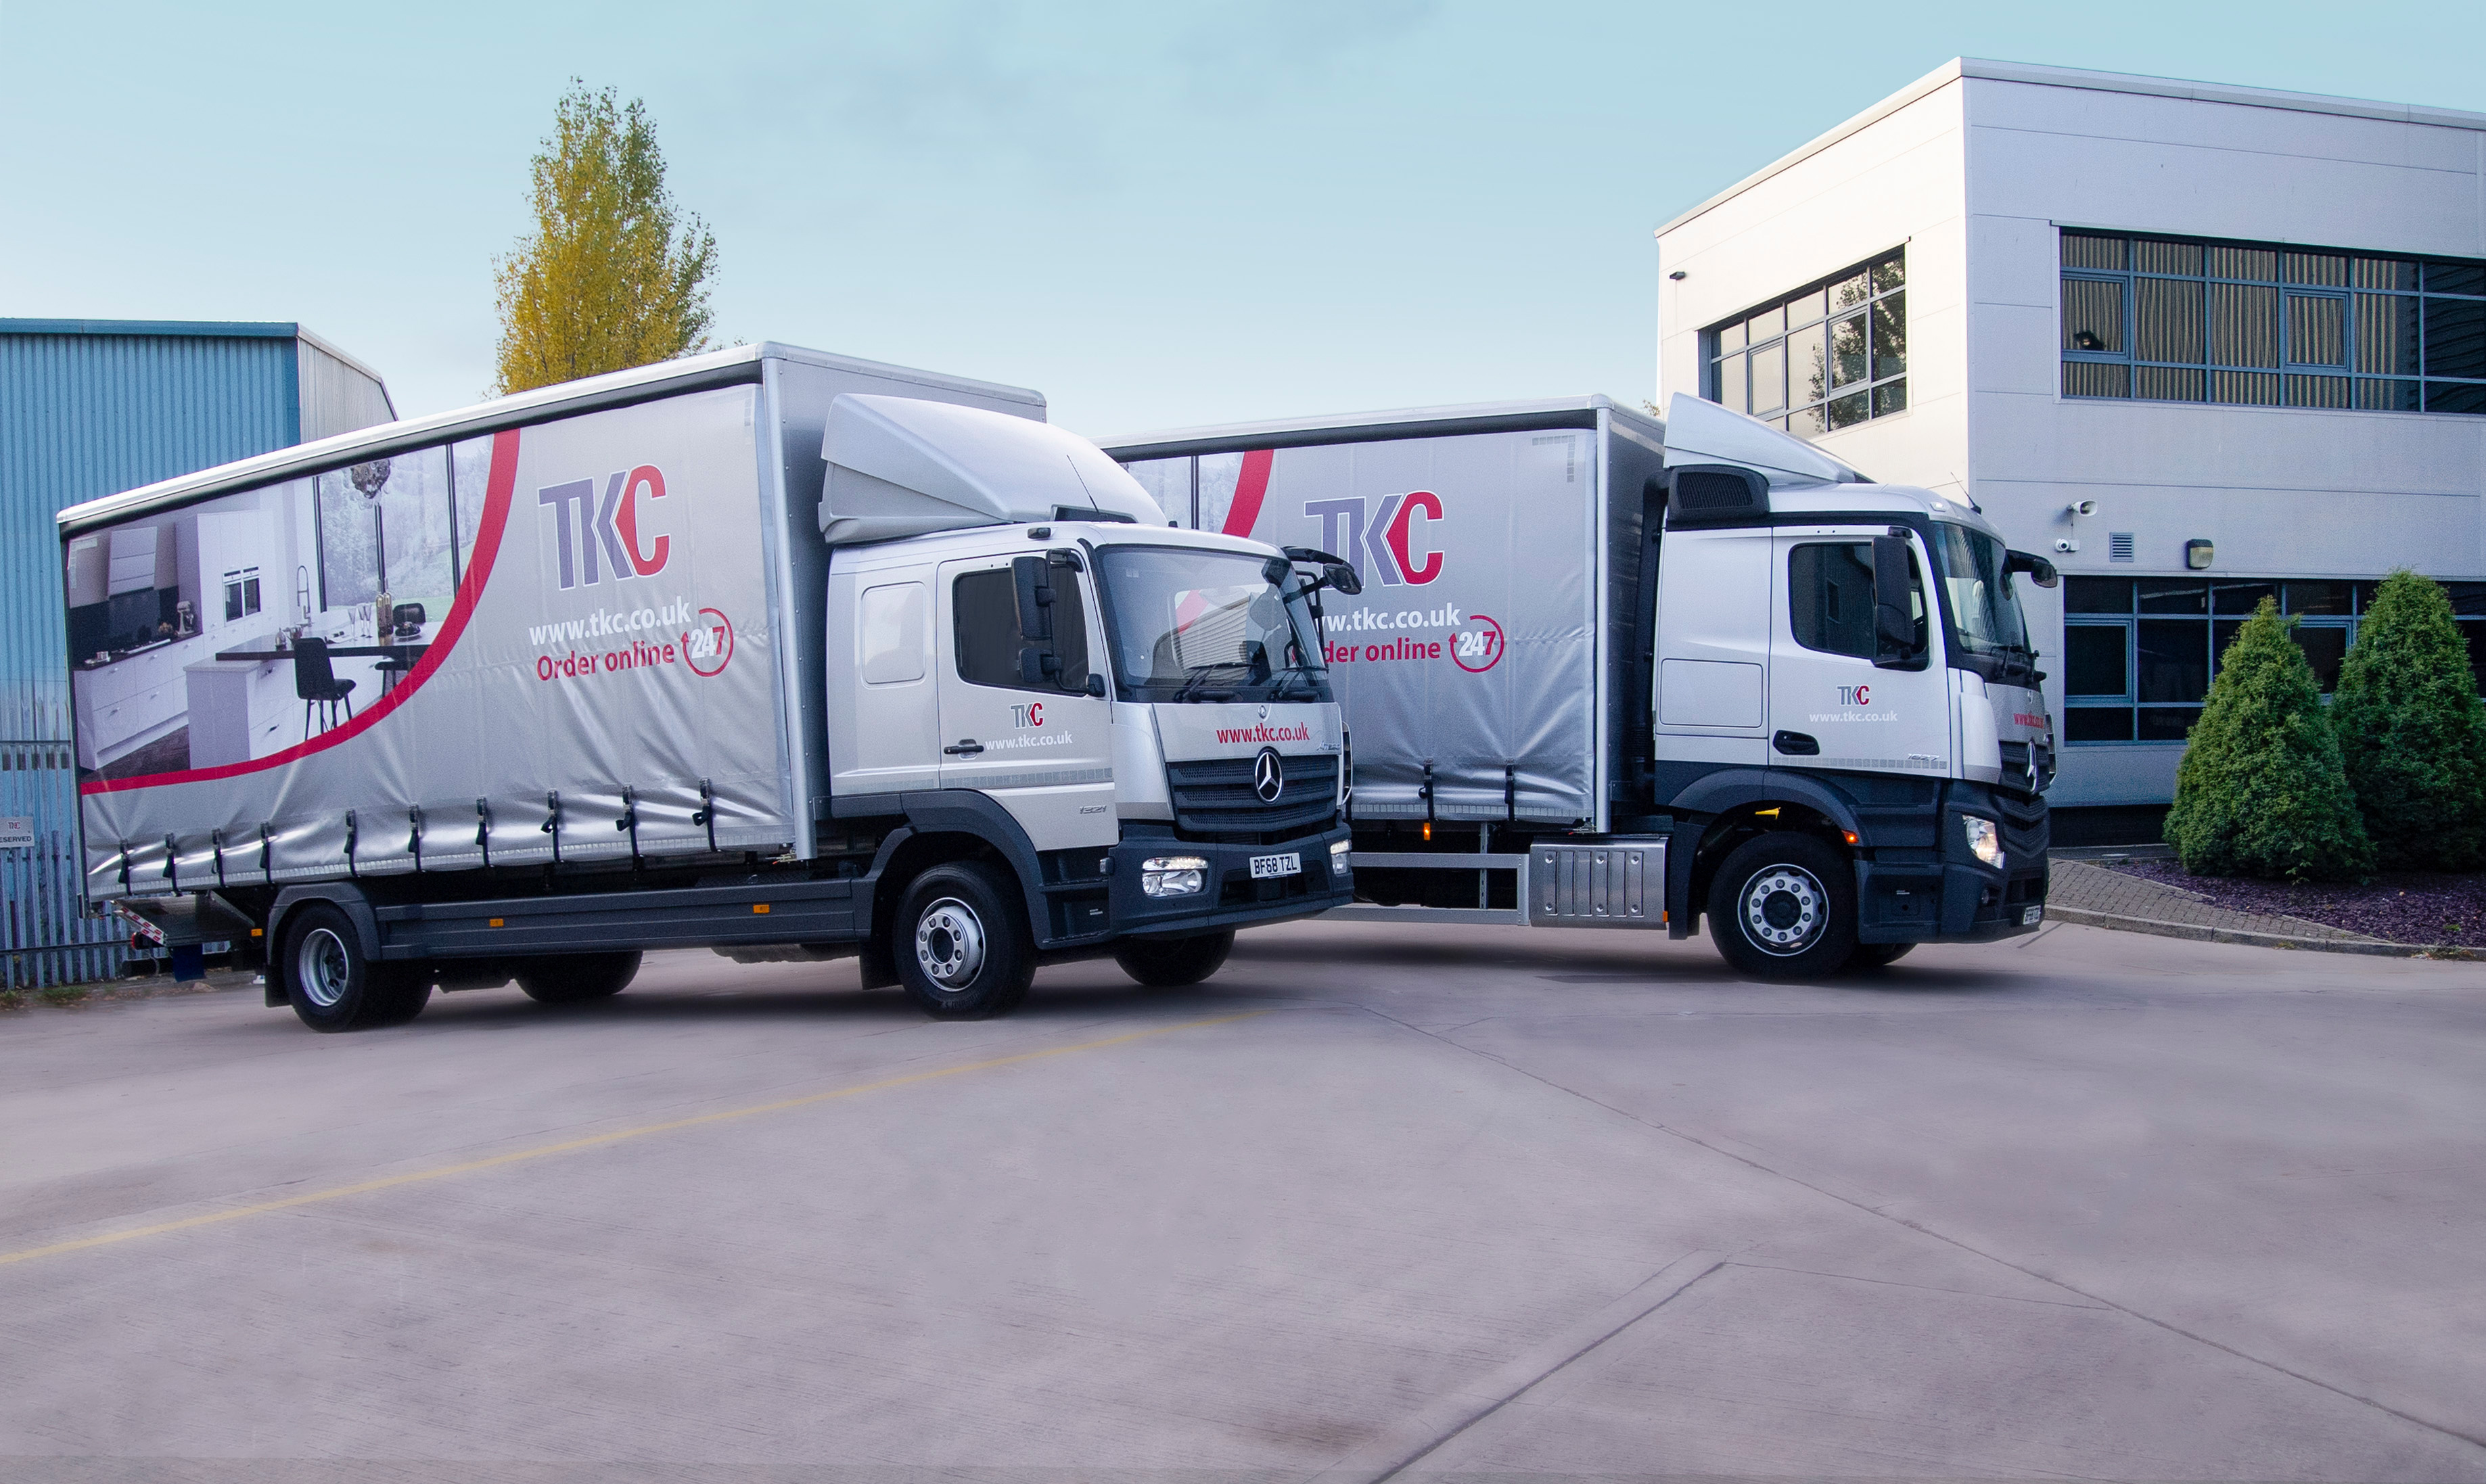 TKC invests in vehicle fleet